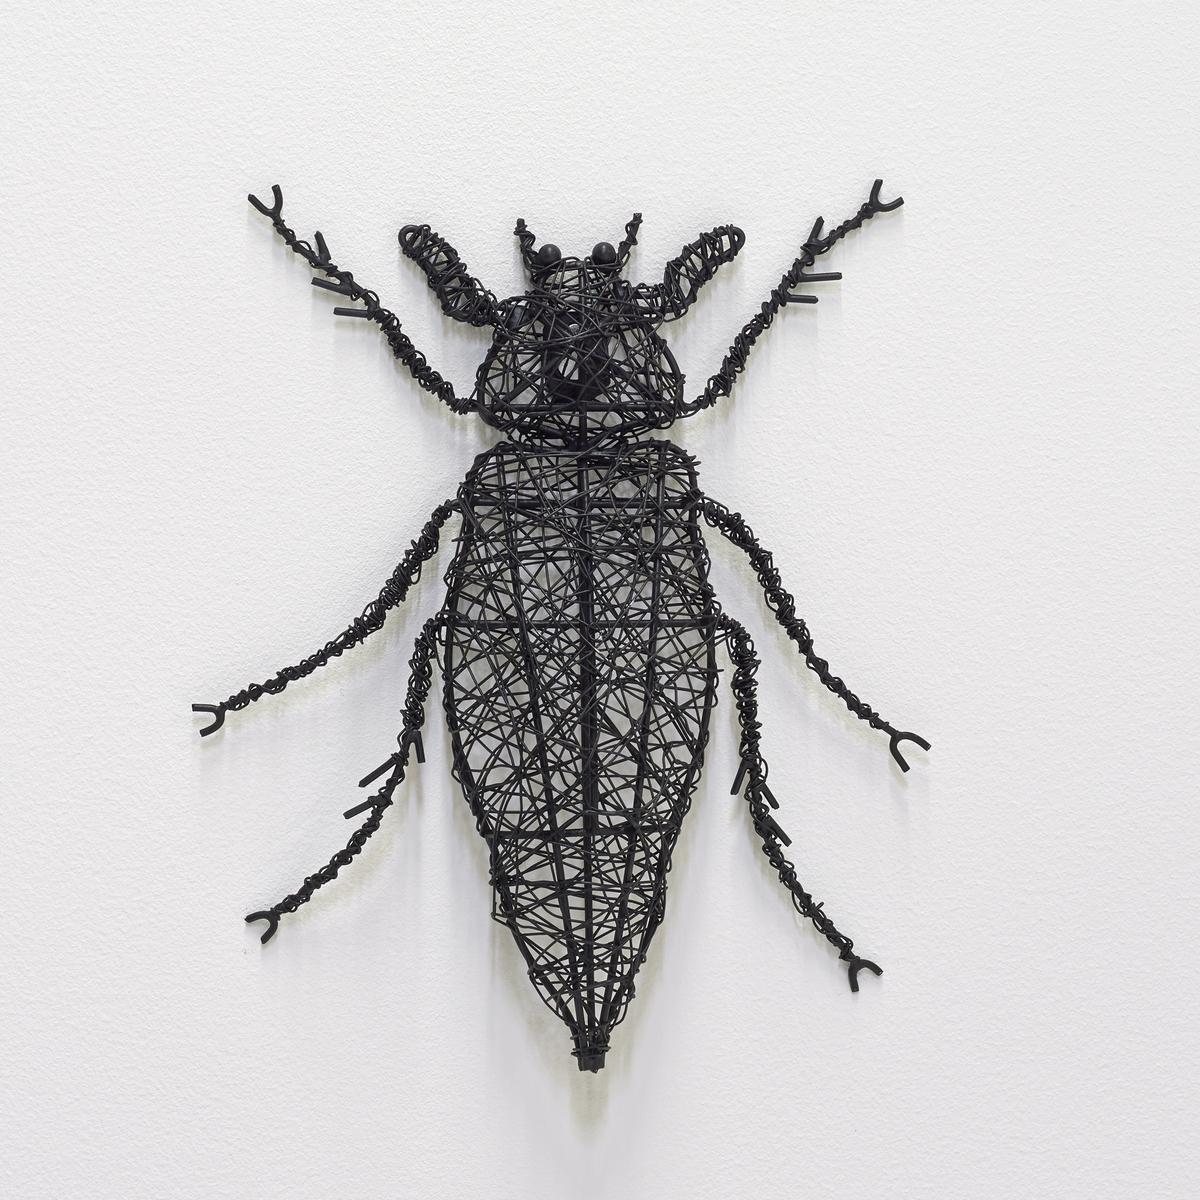 Насекомое металлическое MichiМайский жук.Из чёрного металла.Можно поставить или прикрепить на стену.Размеры:. 22 x 30 x 3 см.<br><br>Цвет: металл черный